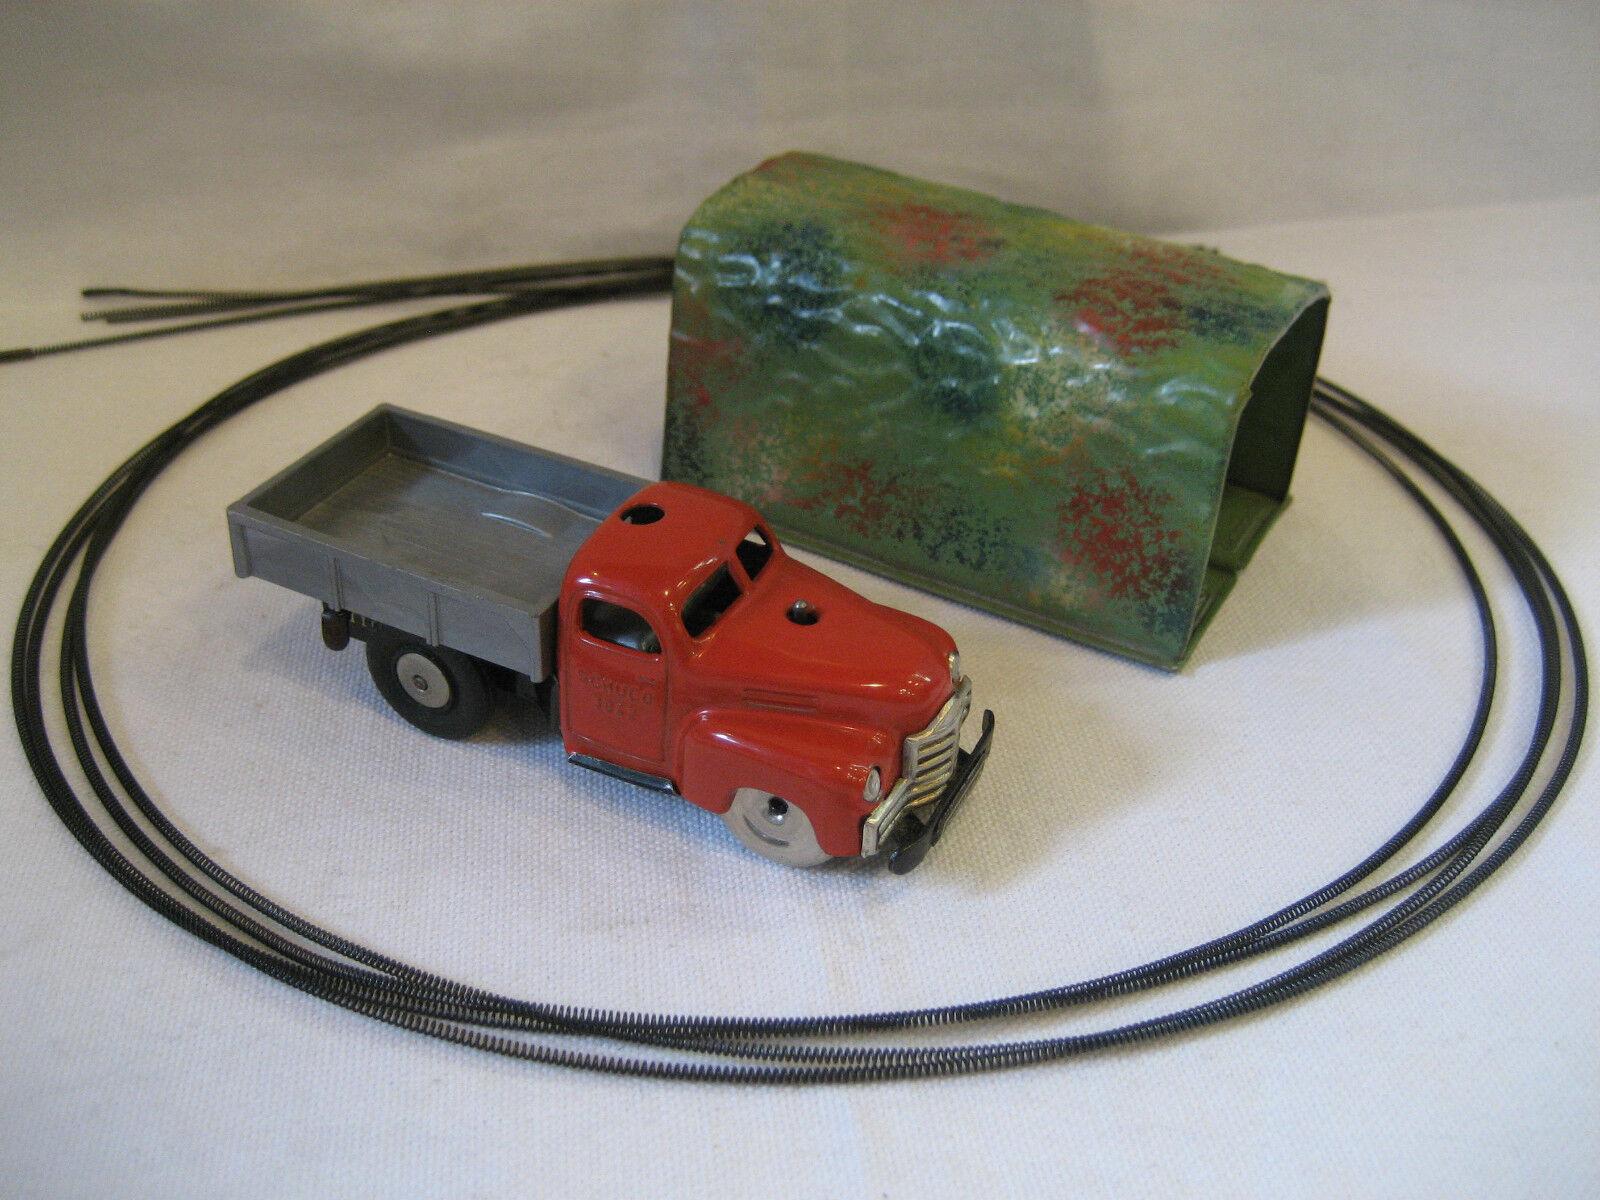 precio razonable Vintage Shuco Varianto Varianto Varianto Lasto W   Tin túnel & guía Alambre 3042 Camión De Juguete Rojo Bonito  grandes precios de descuento